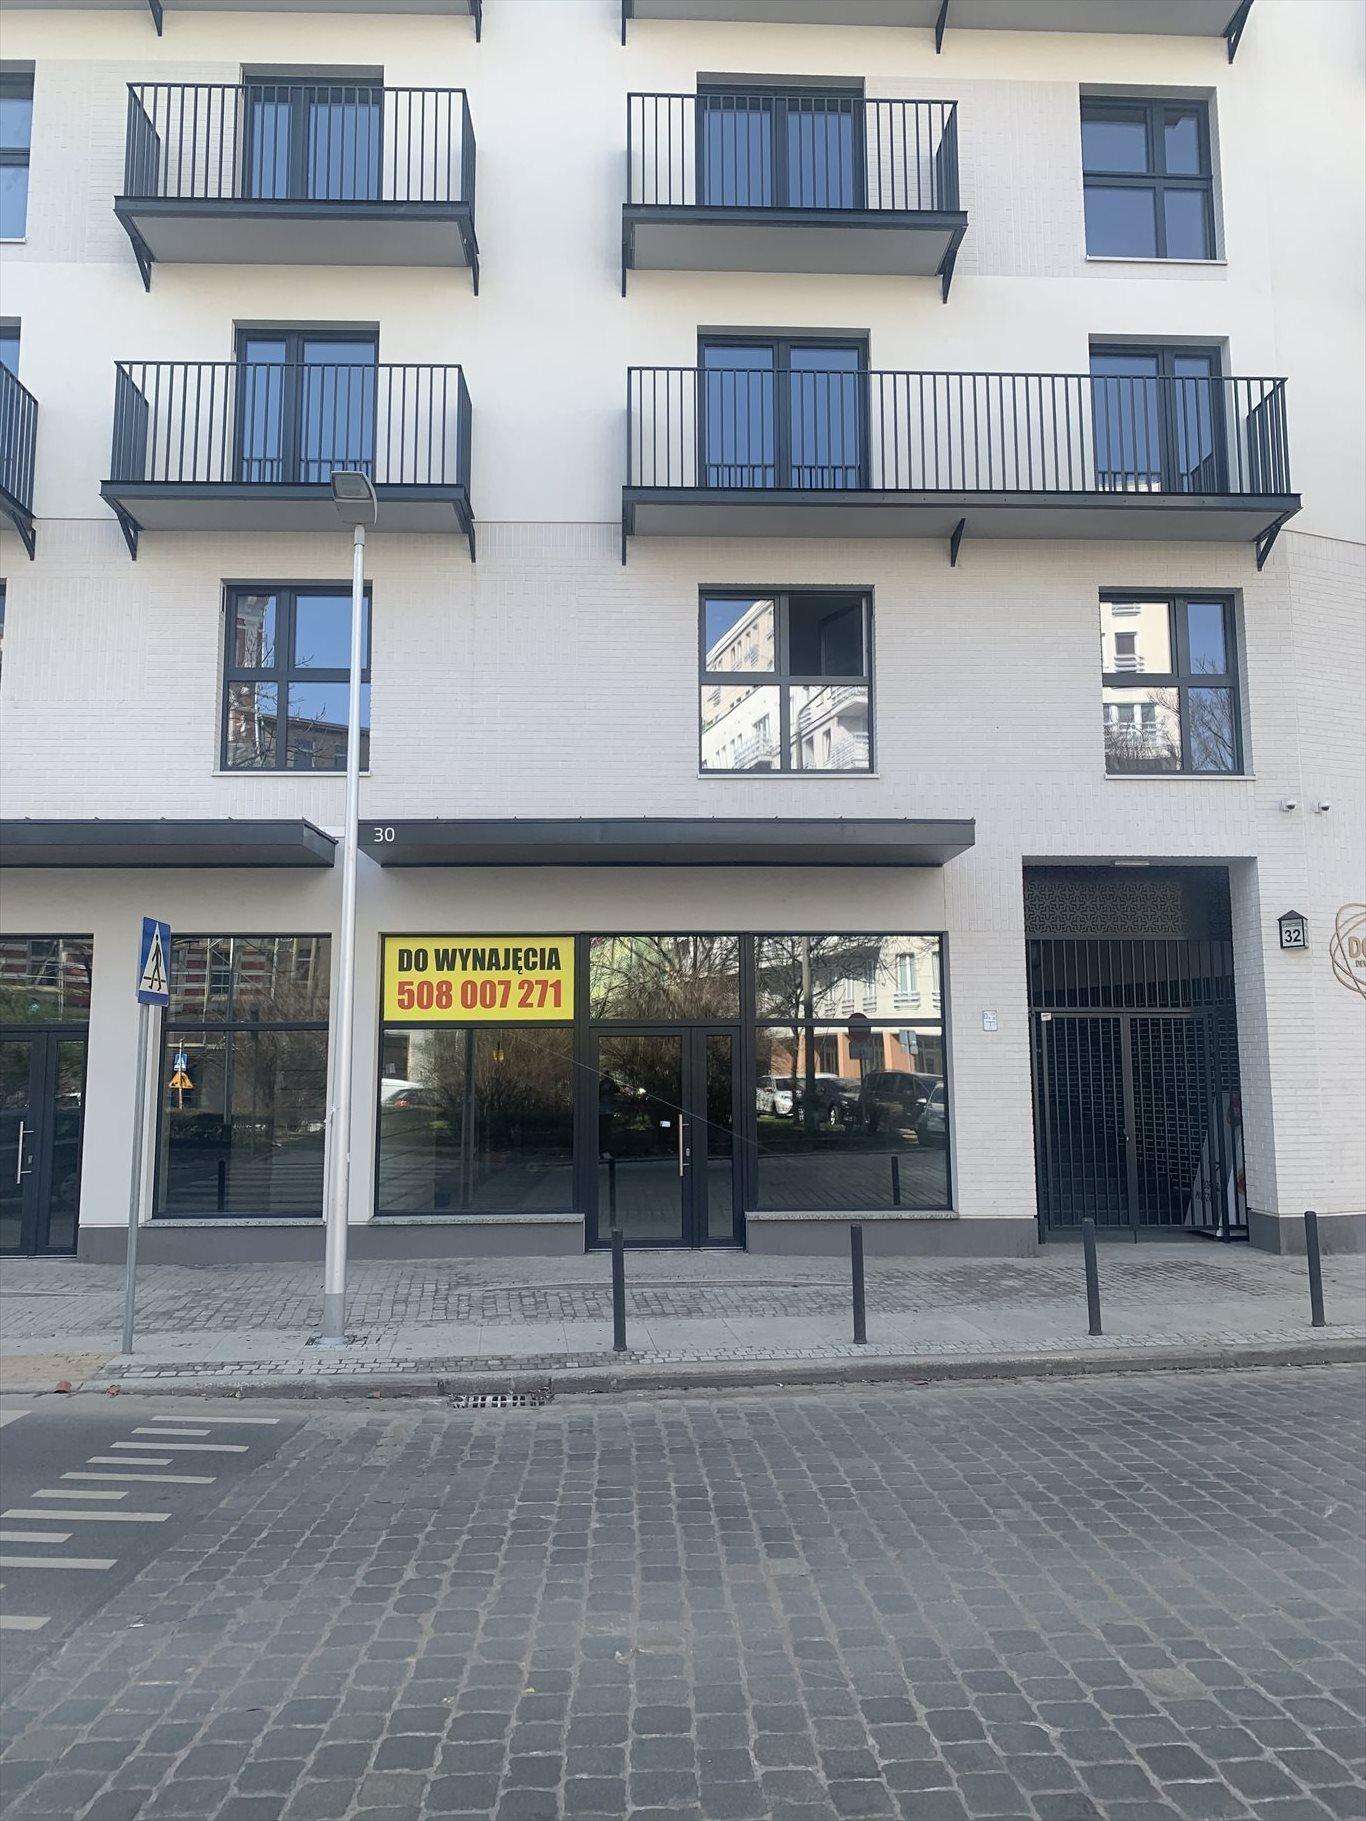 Lokal użytkowy na sprzedaż Wrocław, Stare Miasto, Kurkowa 28  92m2 Foto 1